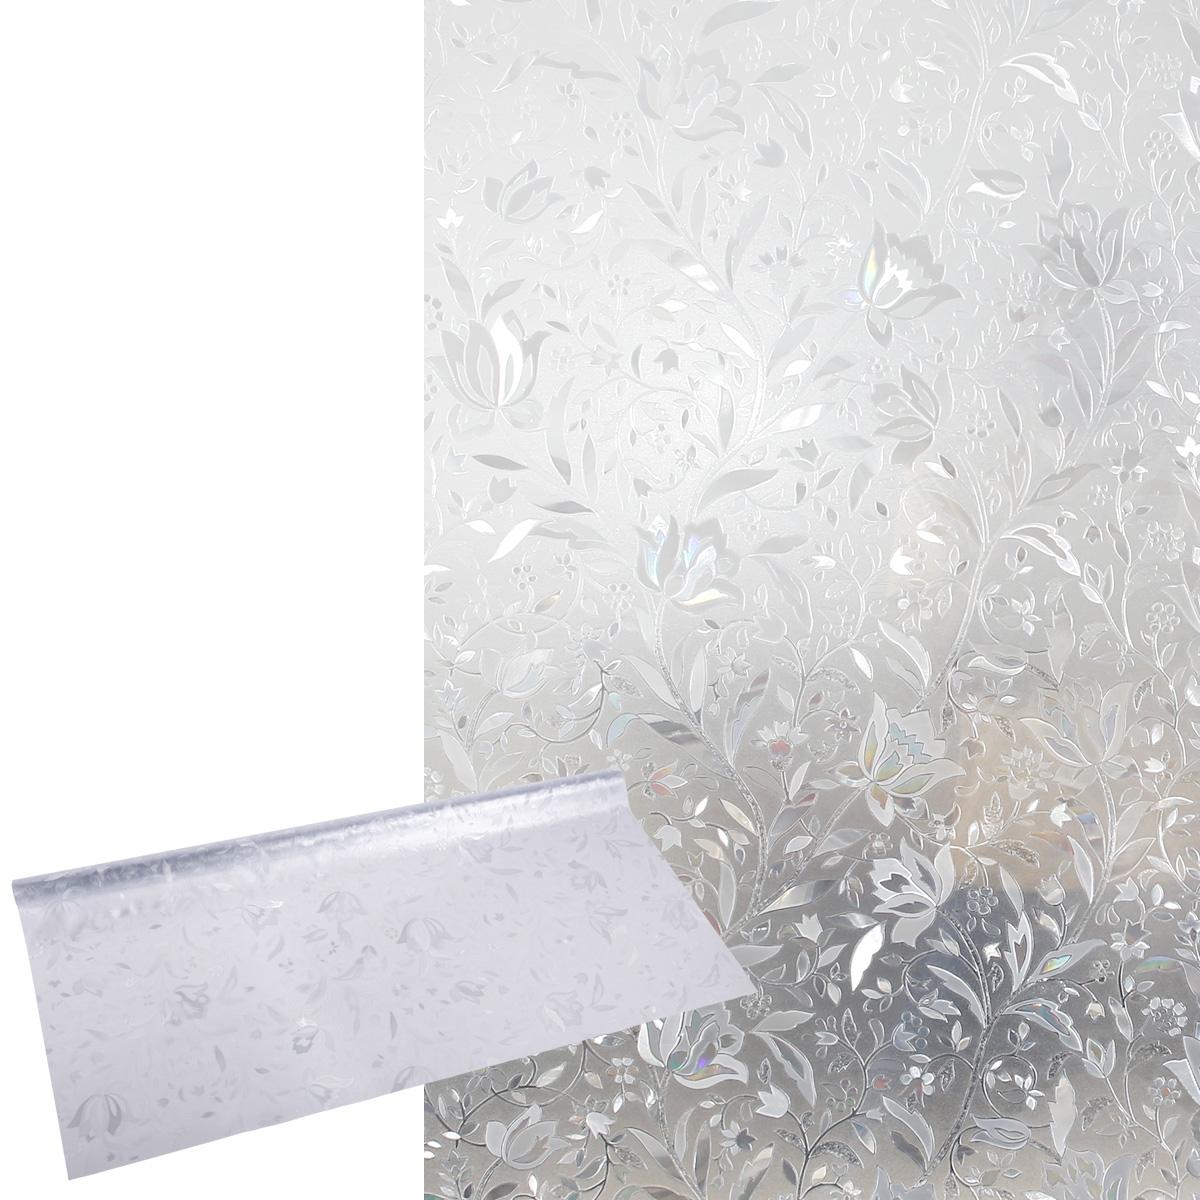 Full Size of Fensterfolie Blickdicht Tulpe Lchglasfolie Sichtschutzfolie Wohnzimmer Fensterfolie Blickdicht